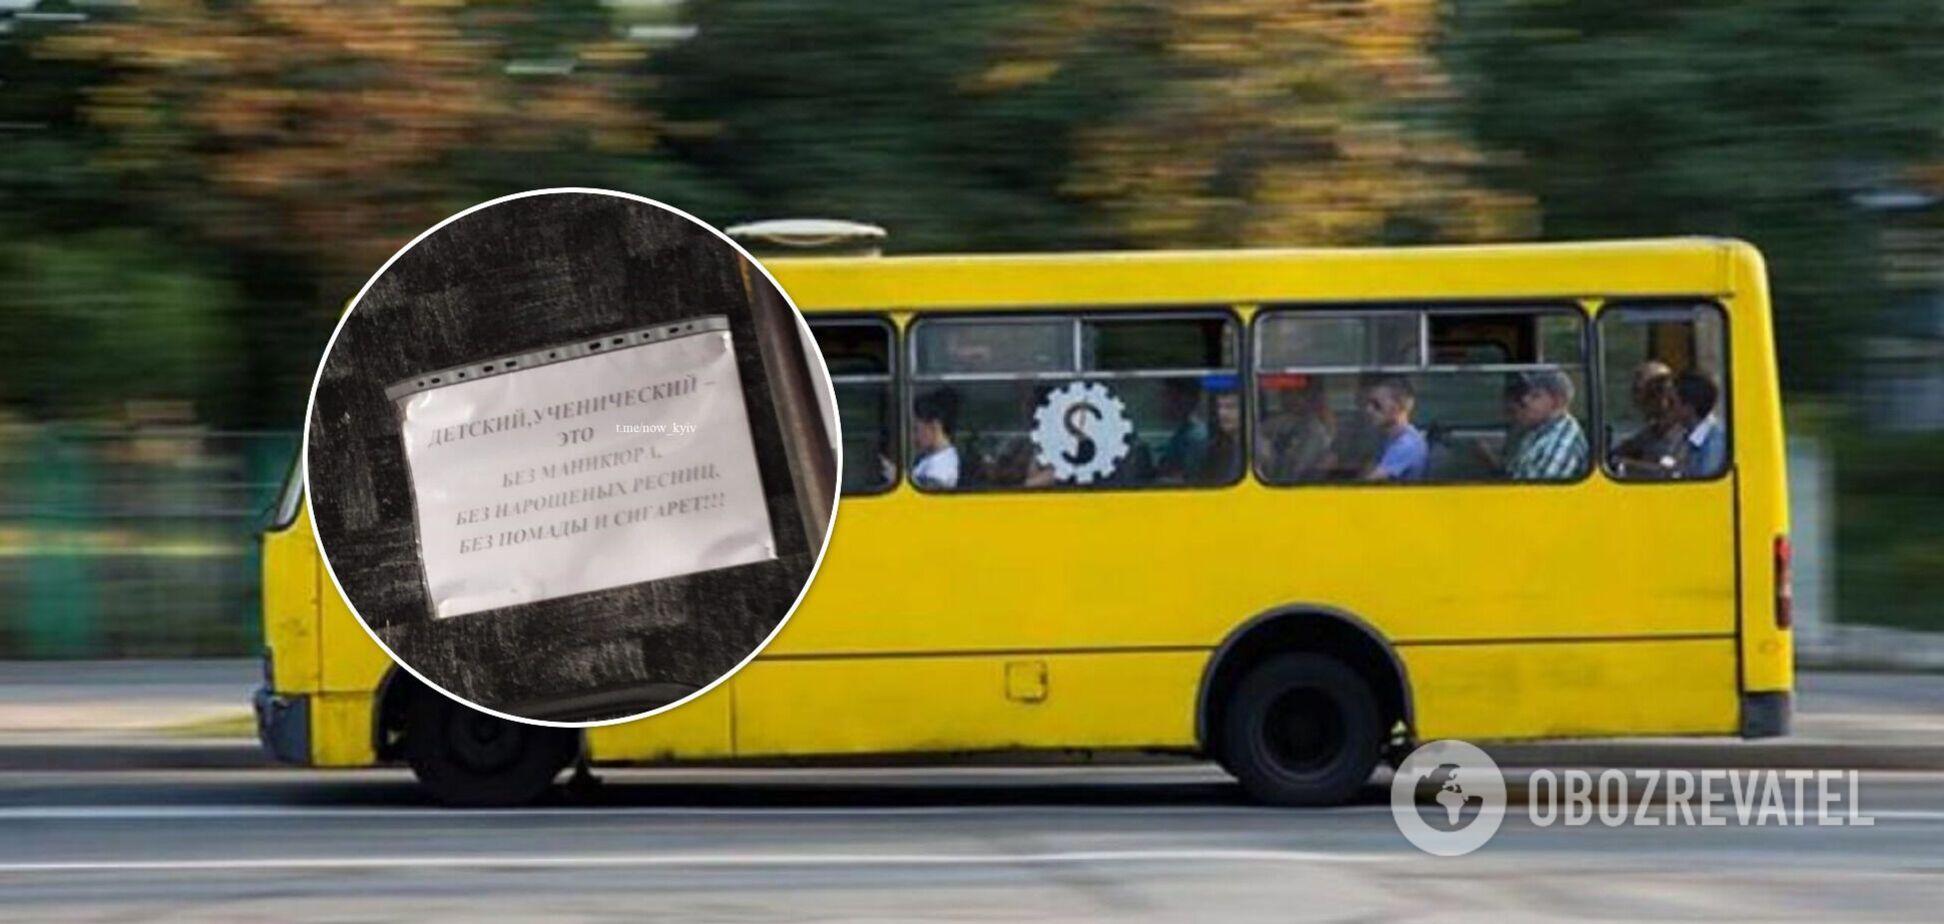 У Києві водій маршрутки придумав свої правила проїзду